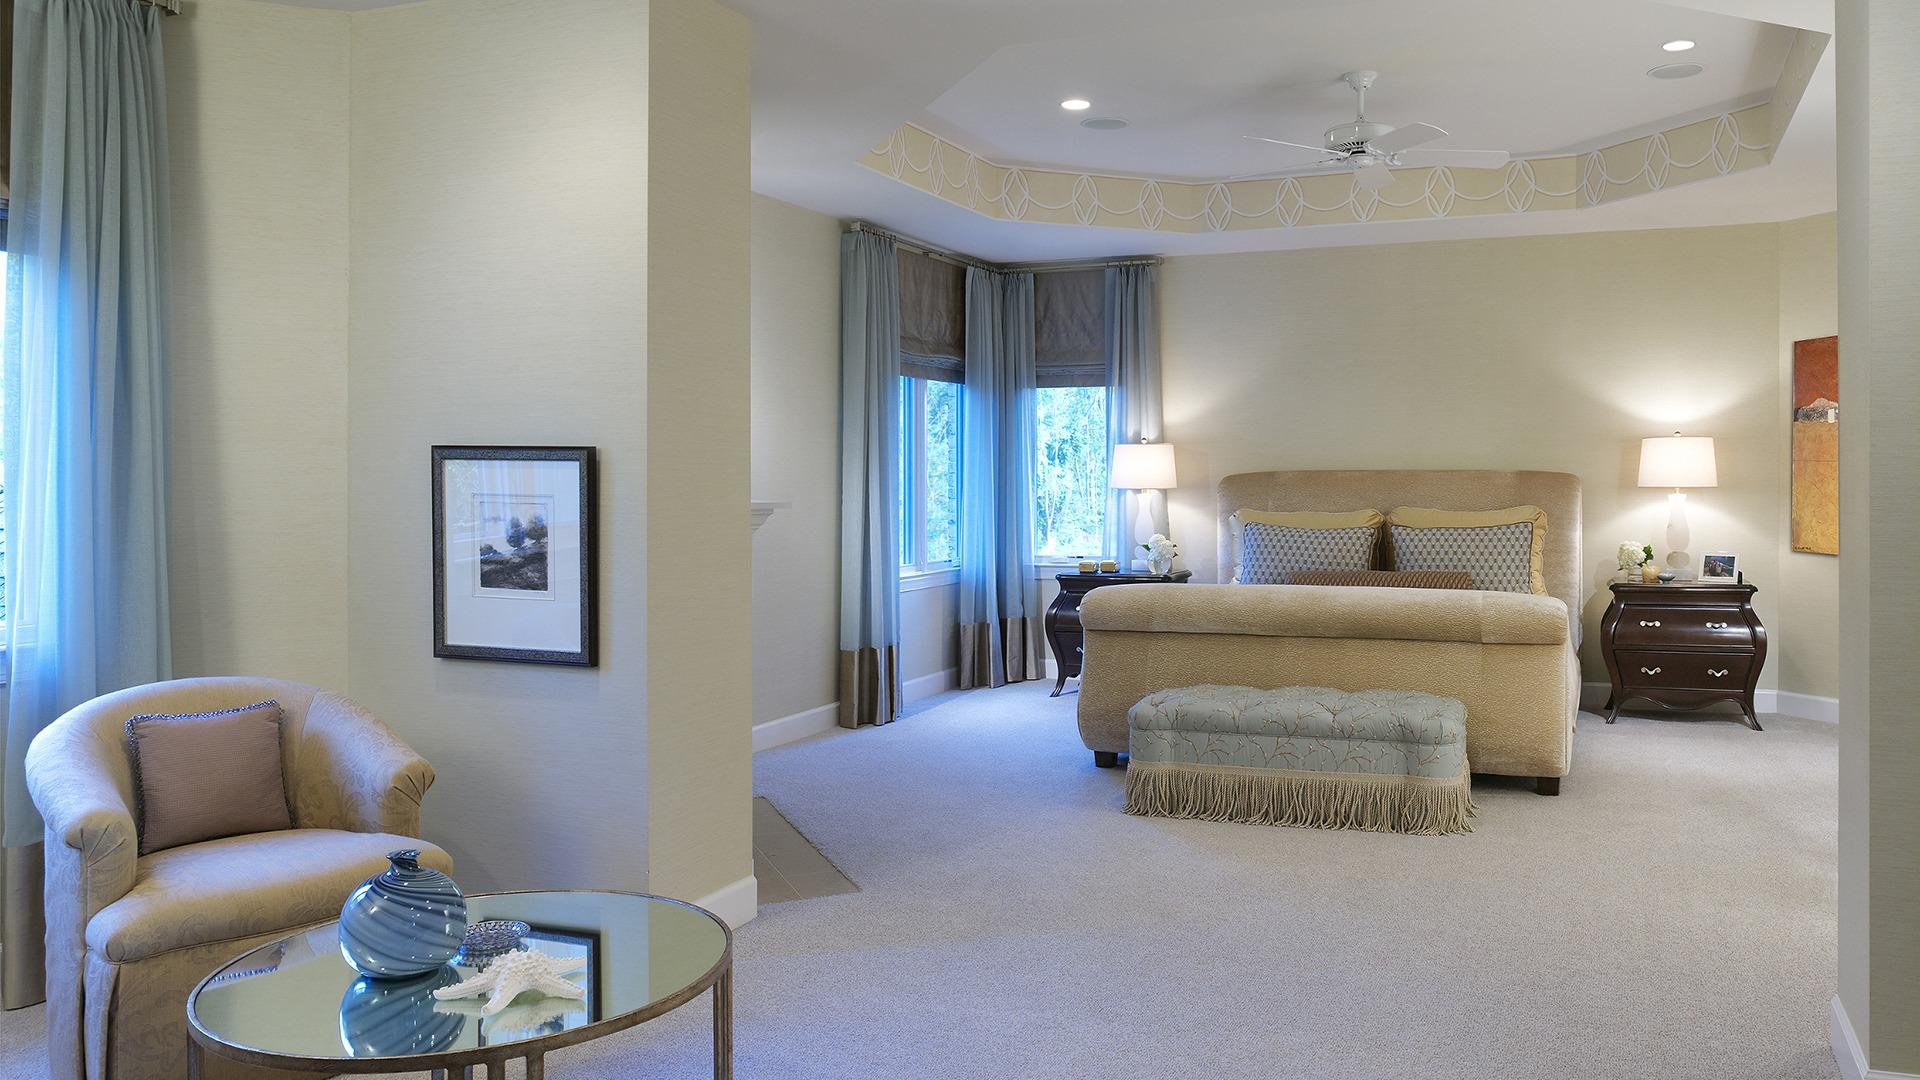 Winthrop Owner's Bedroom